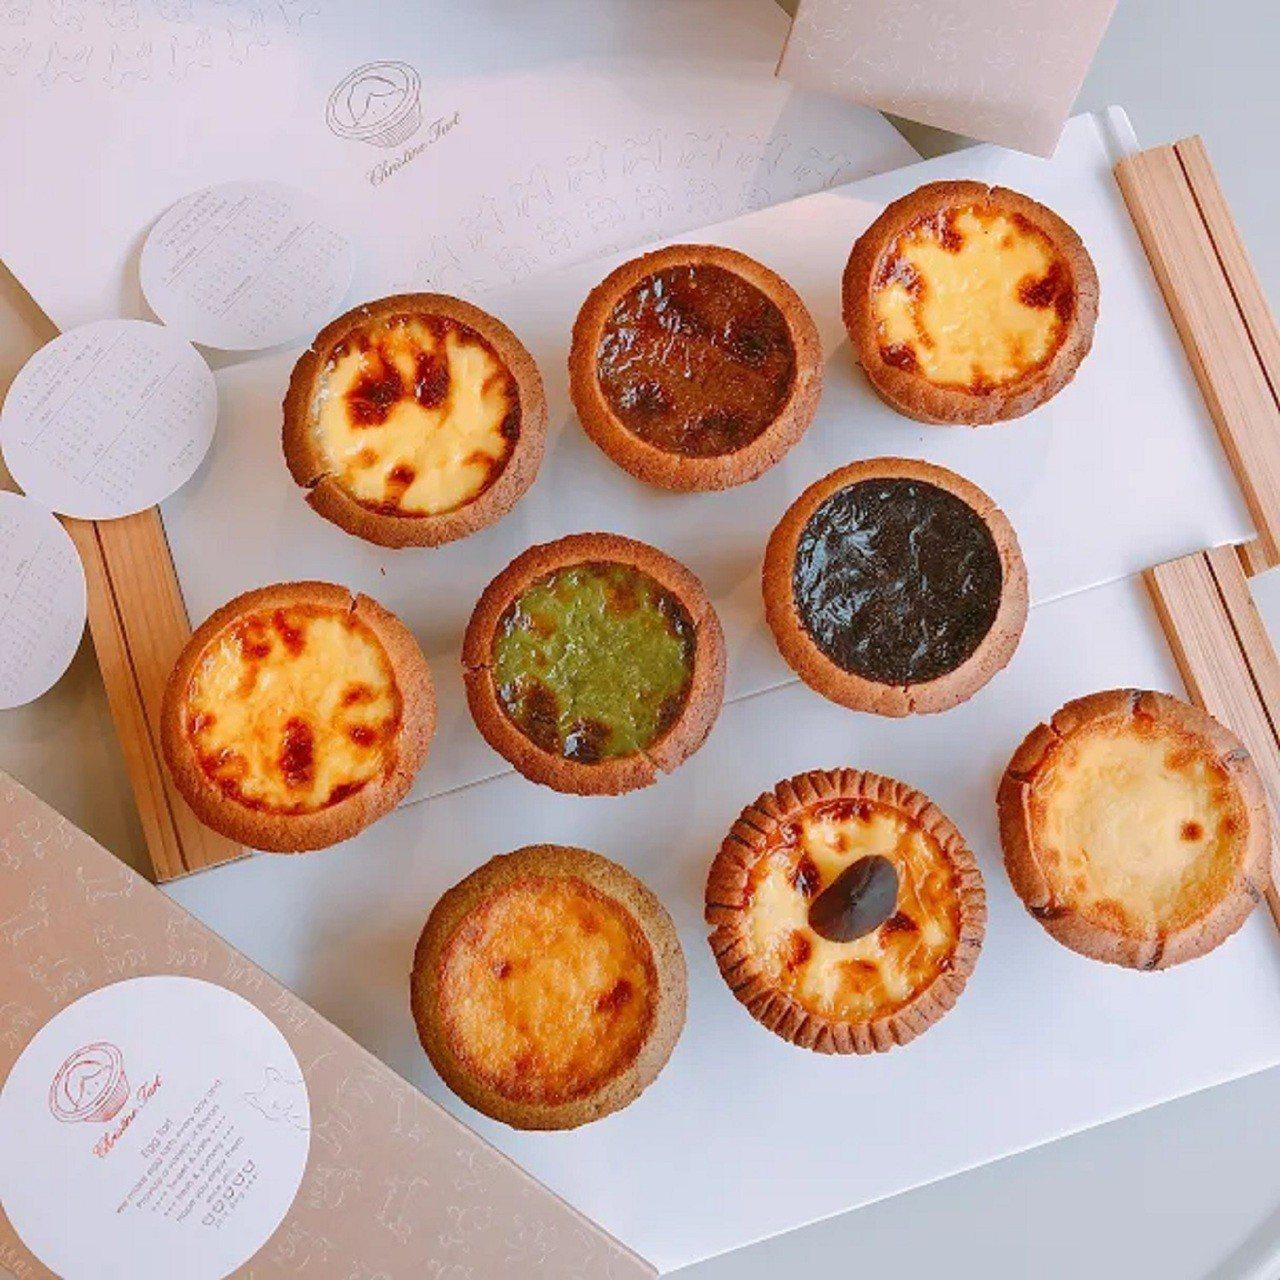 誠品生活台中三井店的克莉斯塔12月12日到25日凡購9顆蛋塔,即贈原味蛋塔乙顆。...